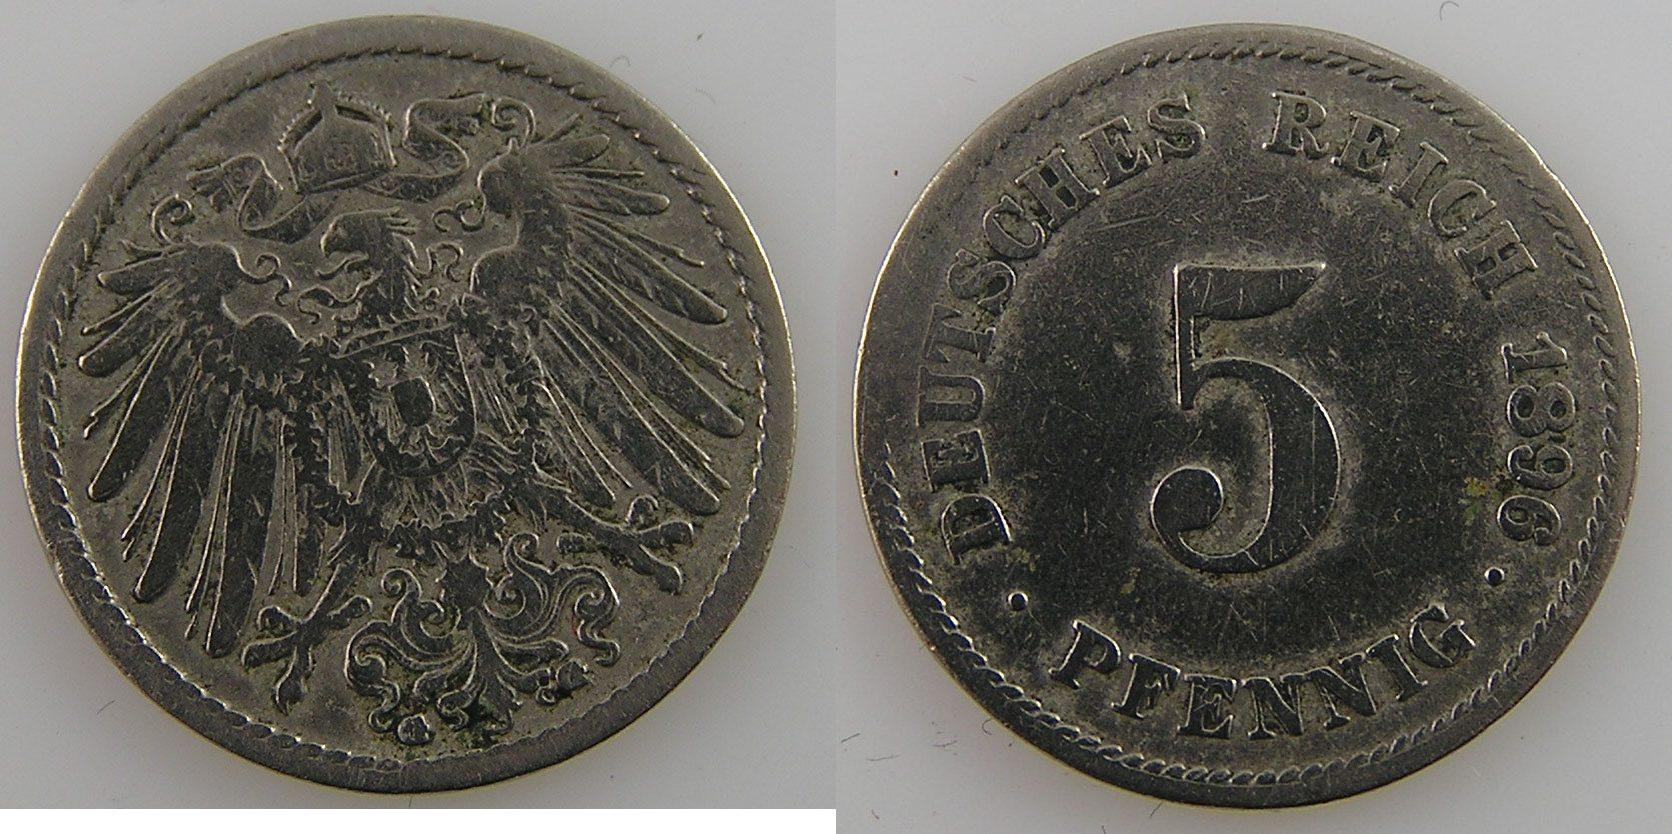 5 Pfennig 1896 G Deutsche Reich J12 5 Pf 1896 G One Of The Least